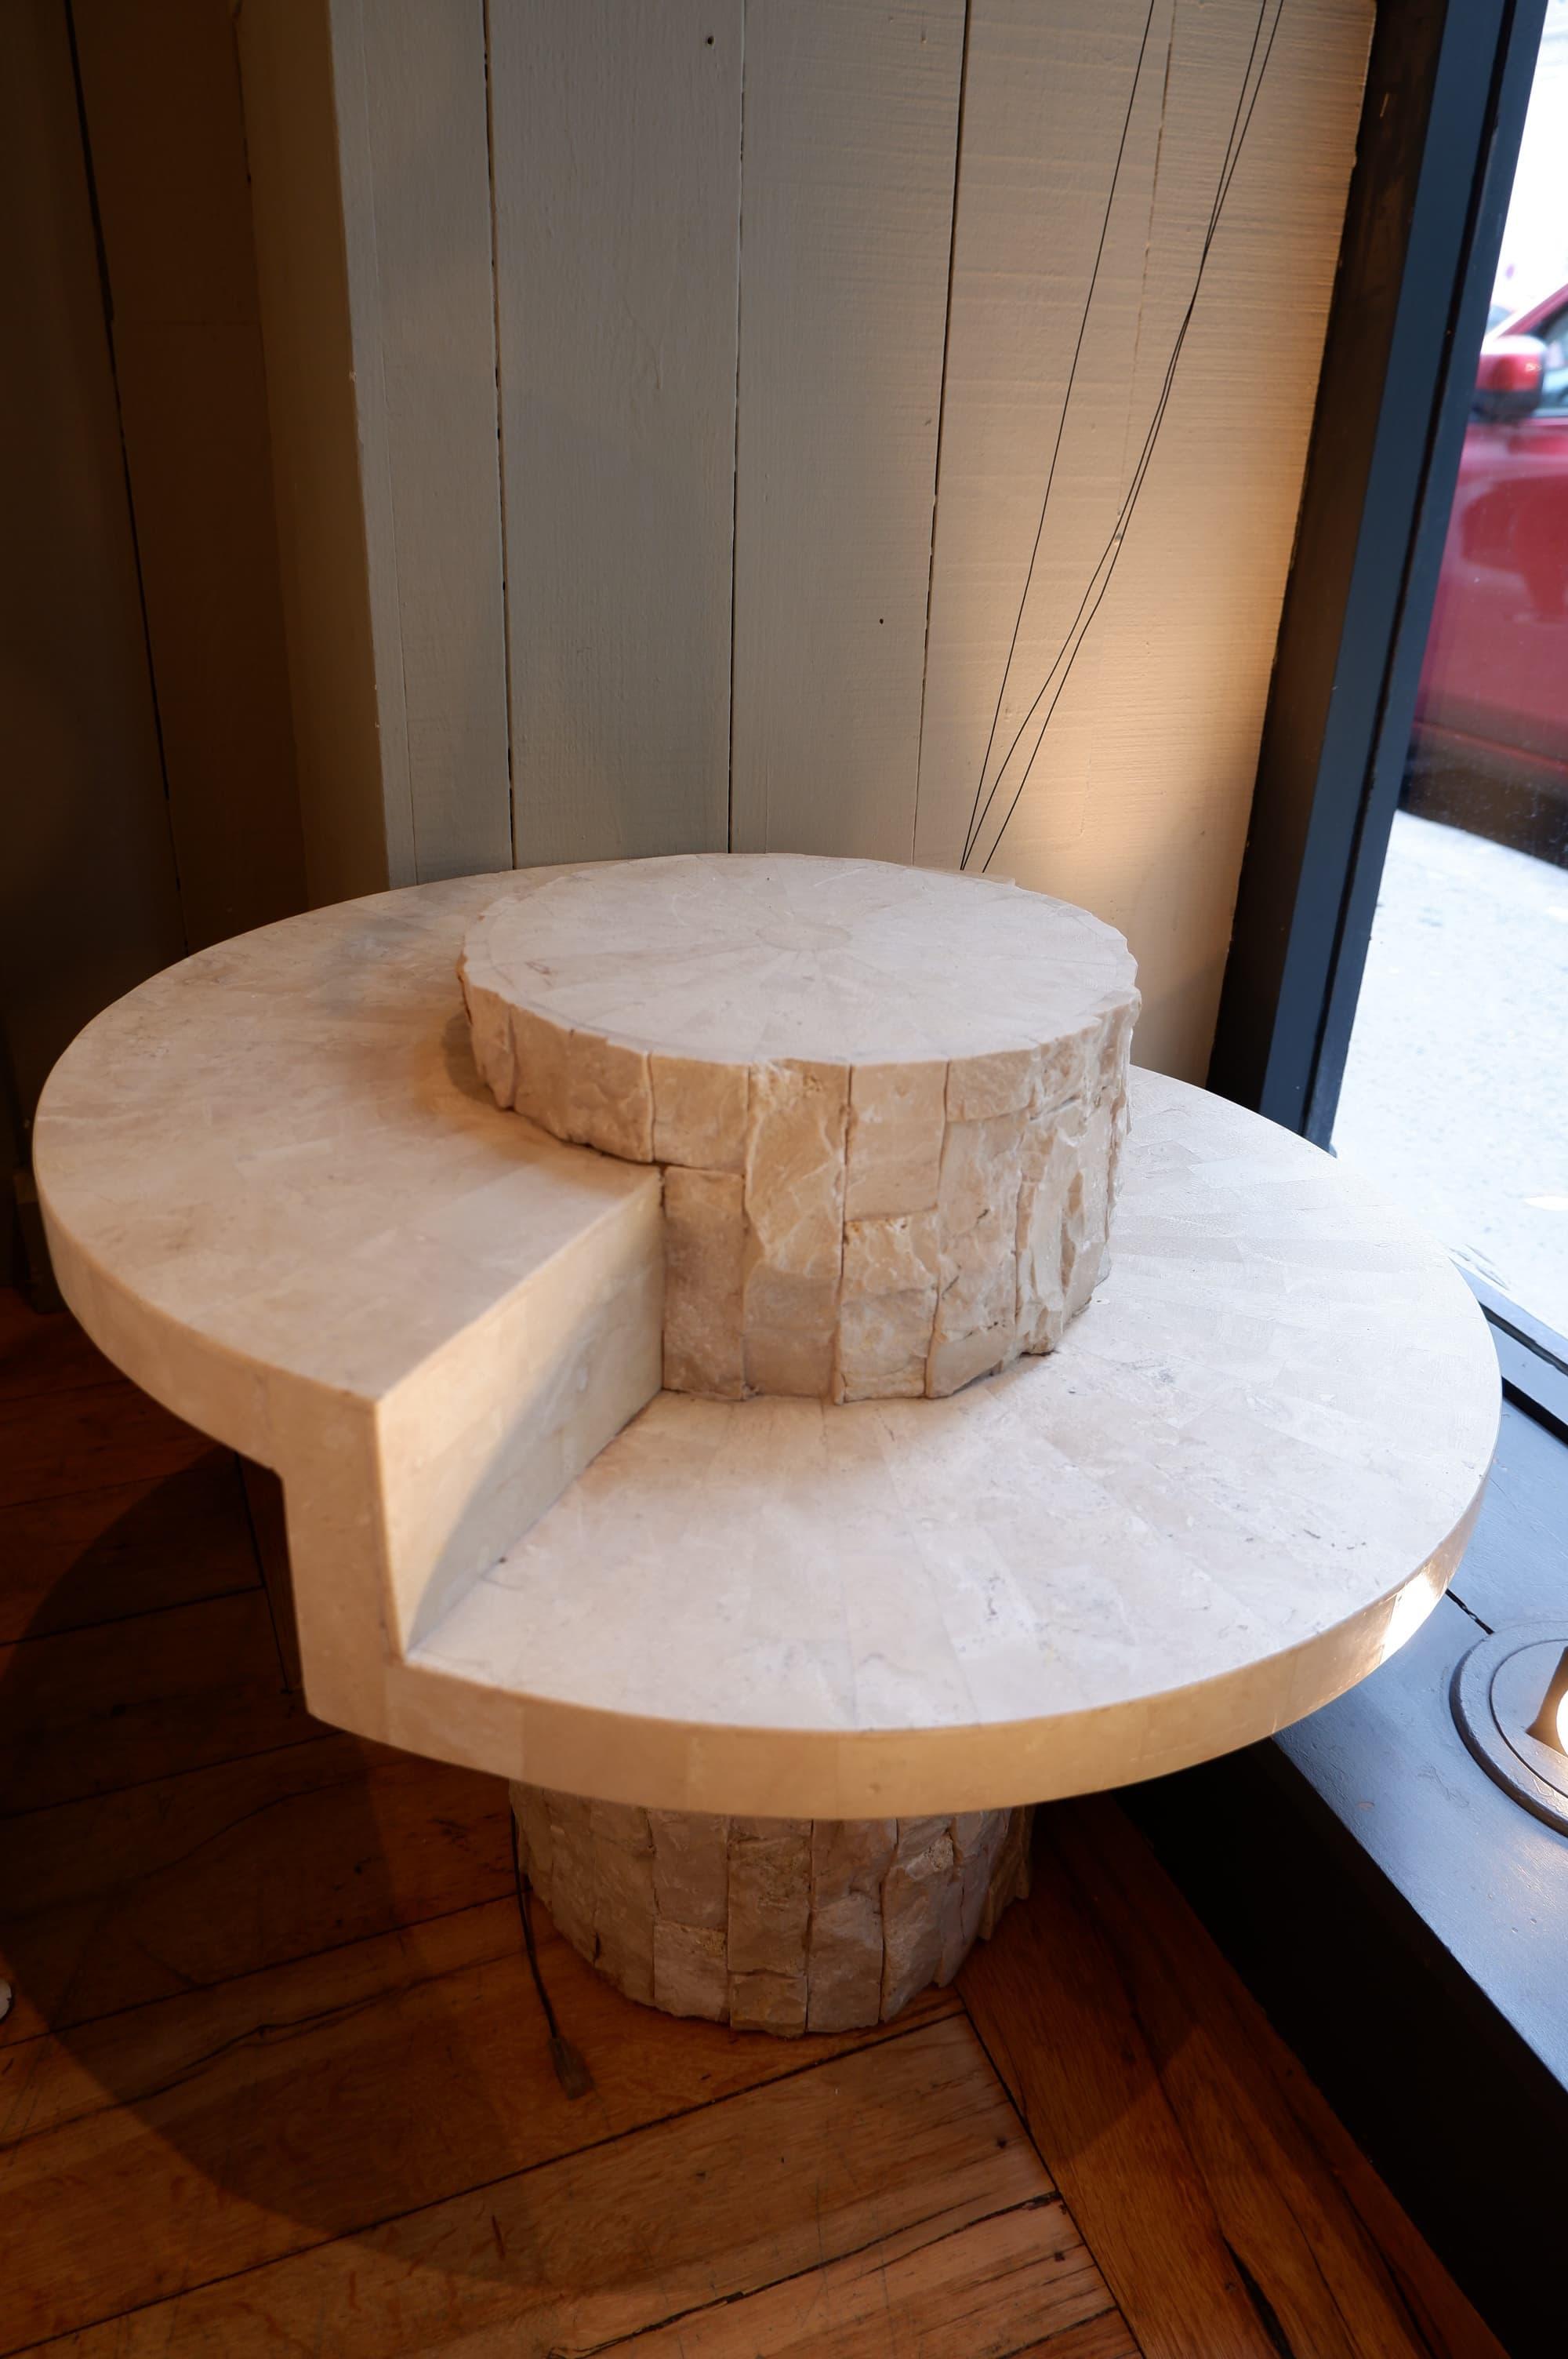 Petite table basse ou side table en plaquage de travertin ca.1970